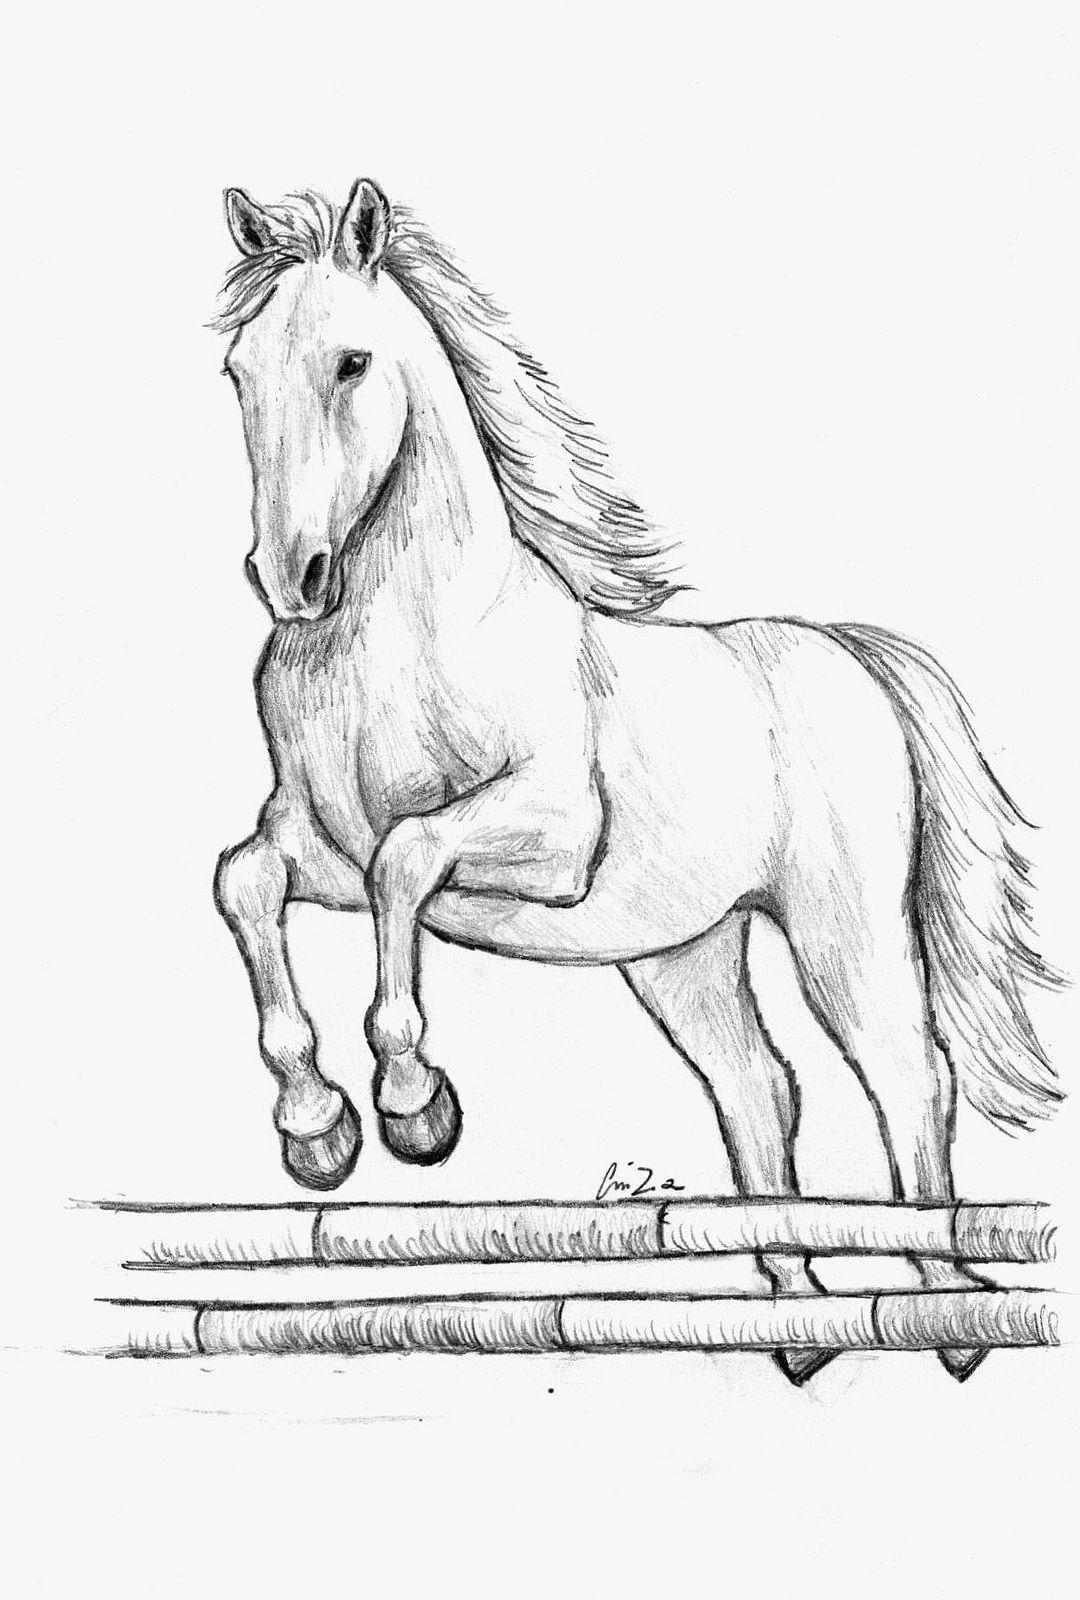 Disegni Da Colorare Testa Di Cavallo.Cavalli Galoppo Disegni Da Colorare Imagixs Tattoo Az Colorare Disegni Di Cavalli Disegno Di Cavallo Disegni